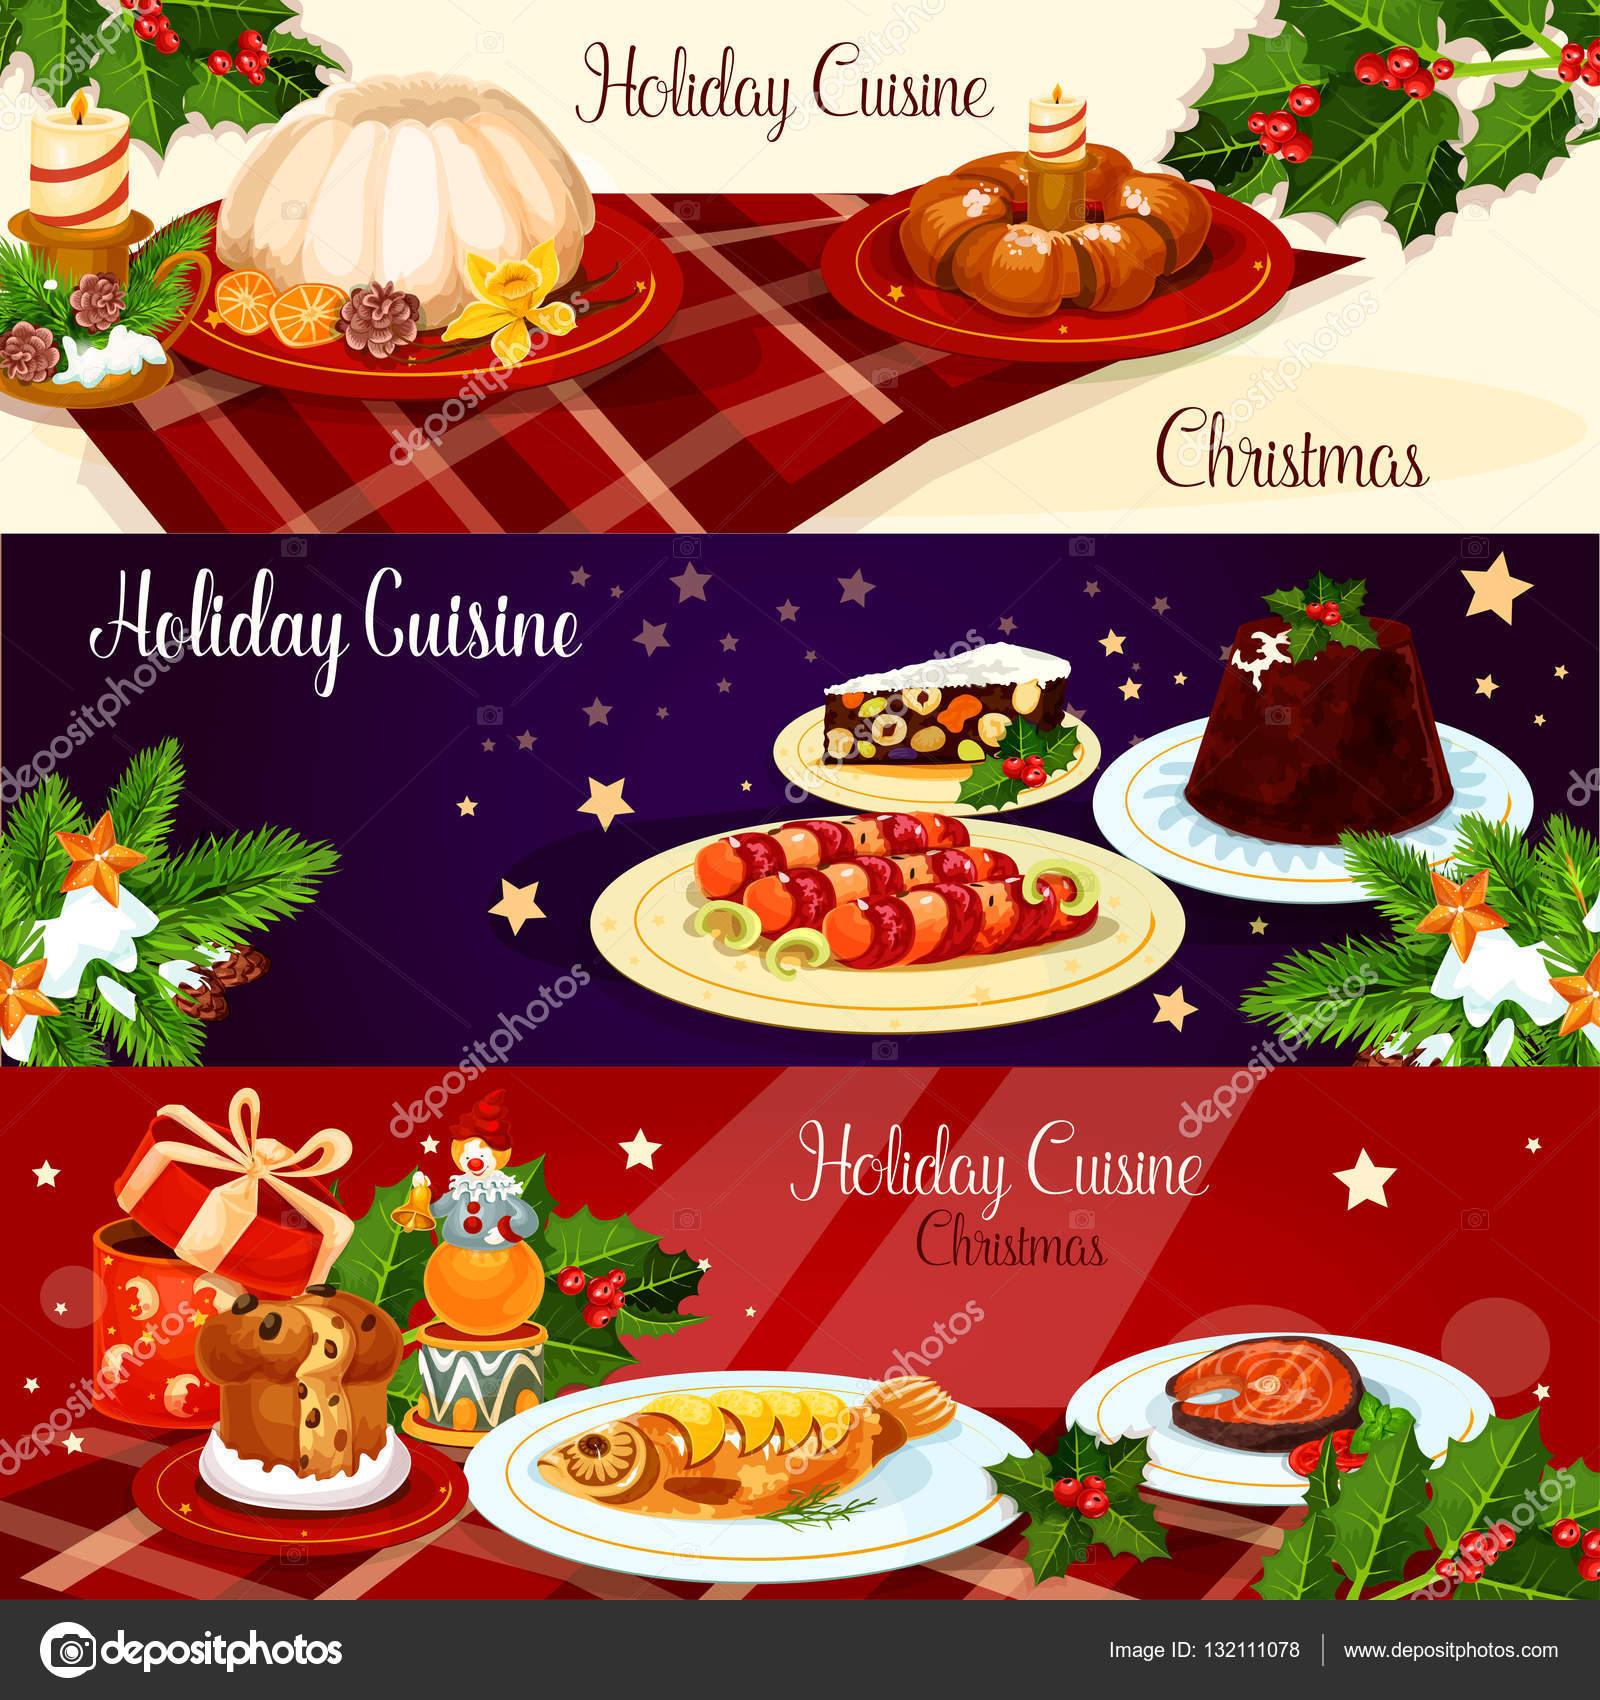 Weihnachten Abendessen Gerichte mit Holly und Geschenk-banner ...